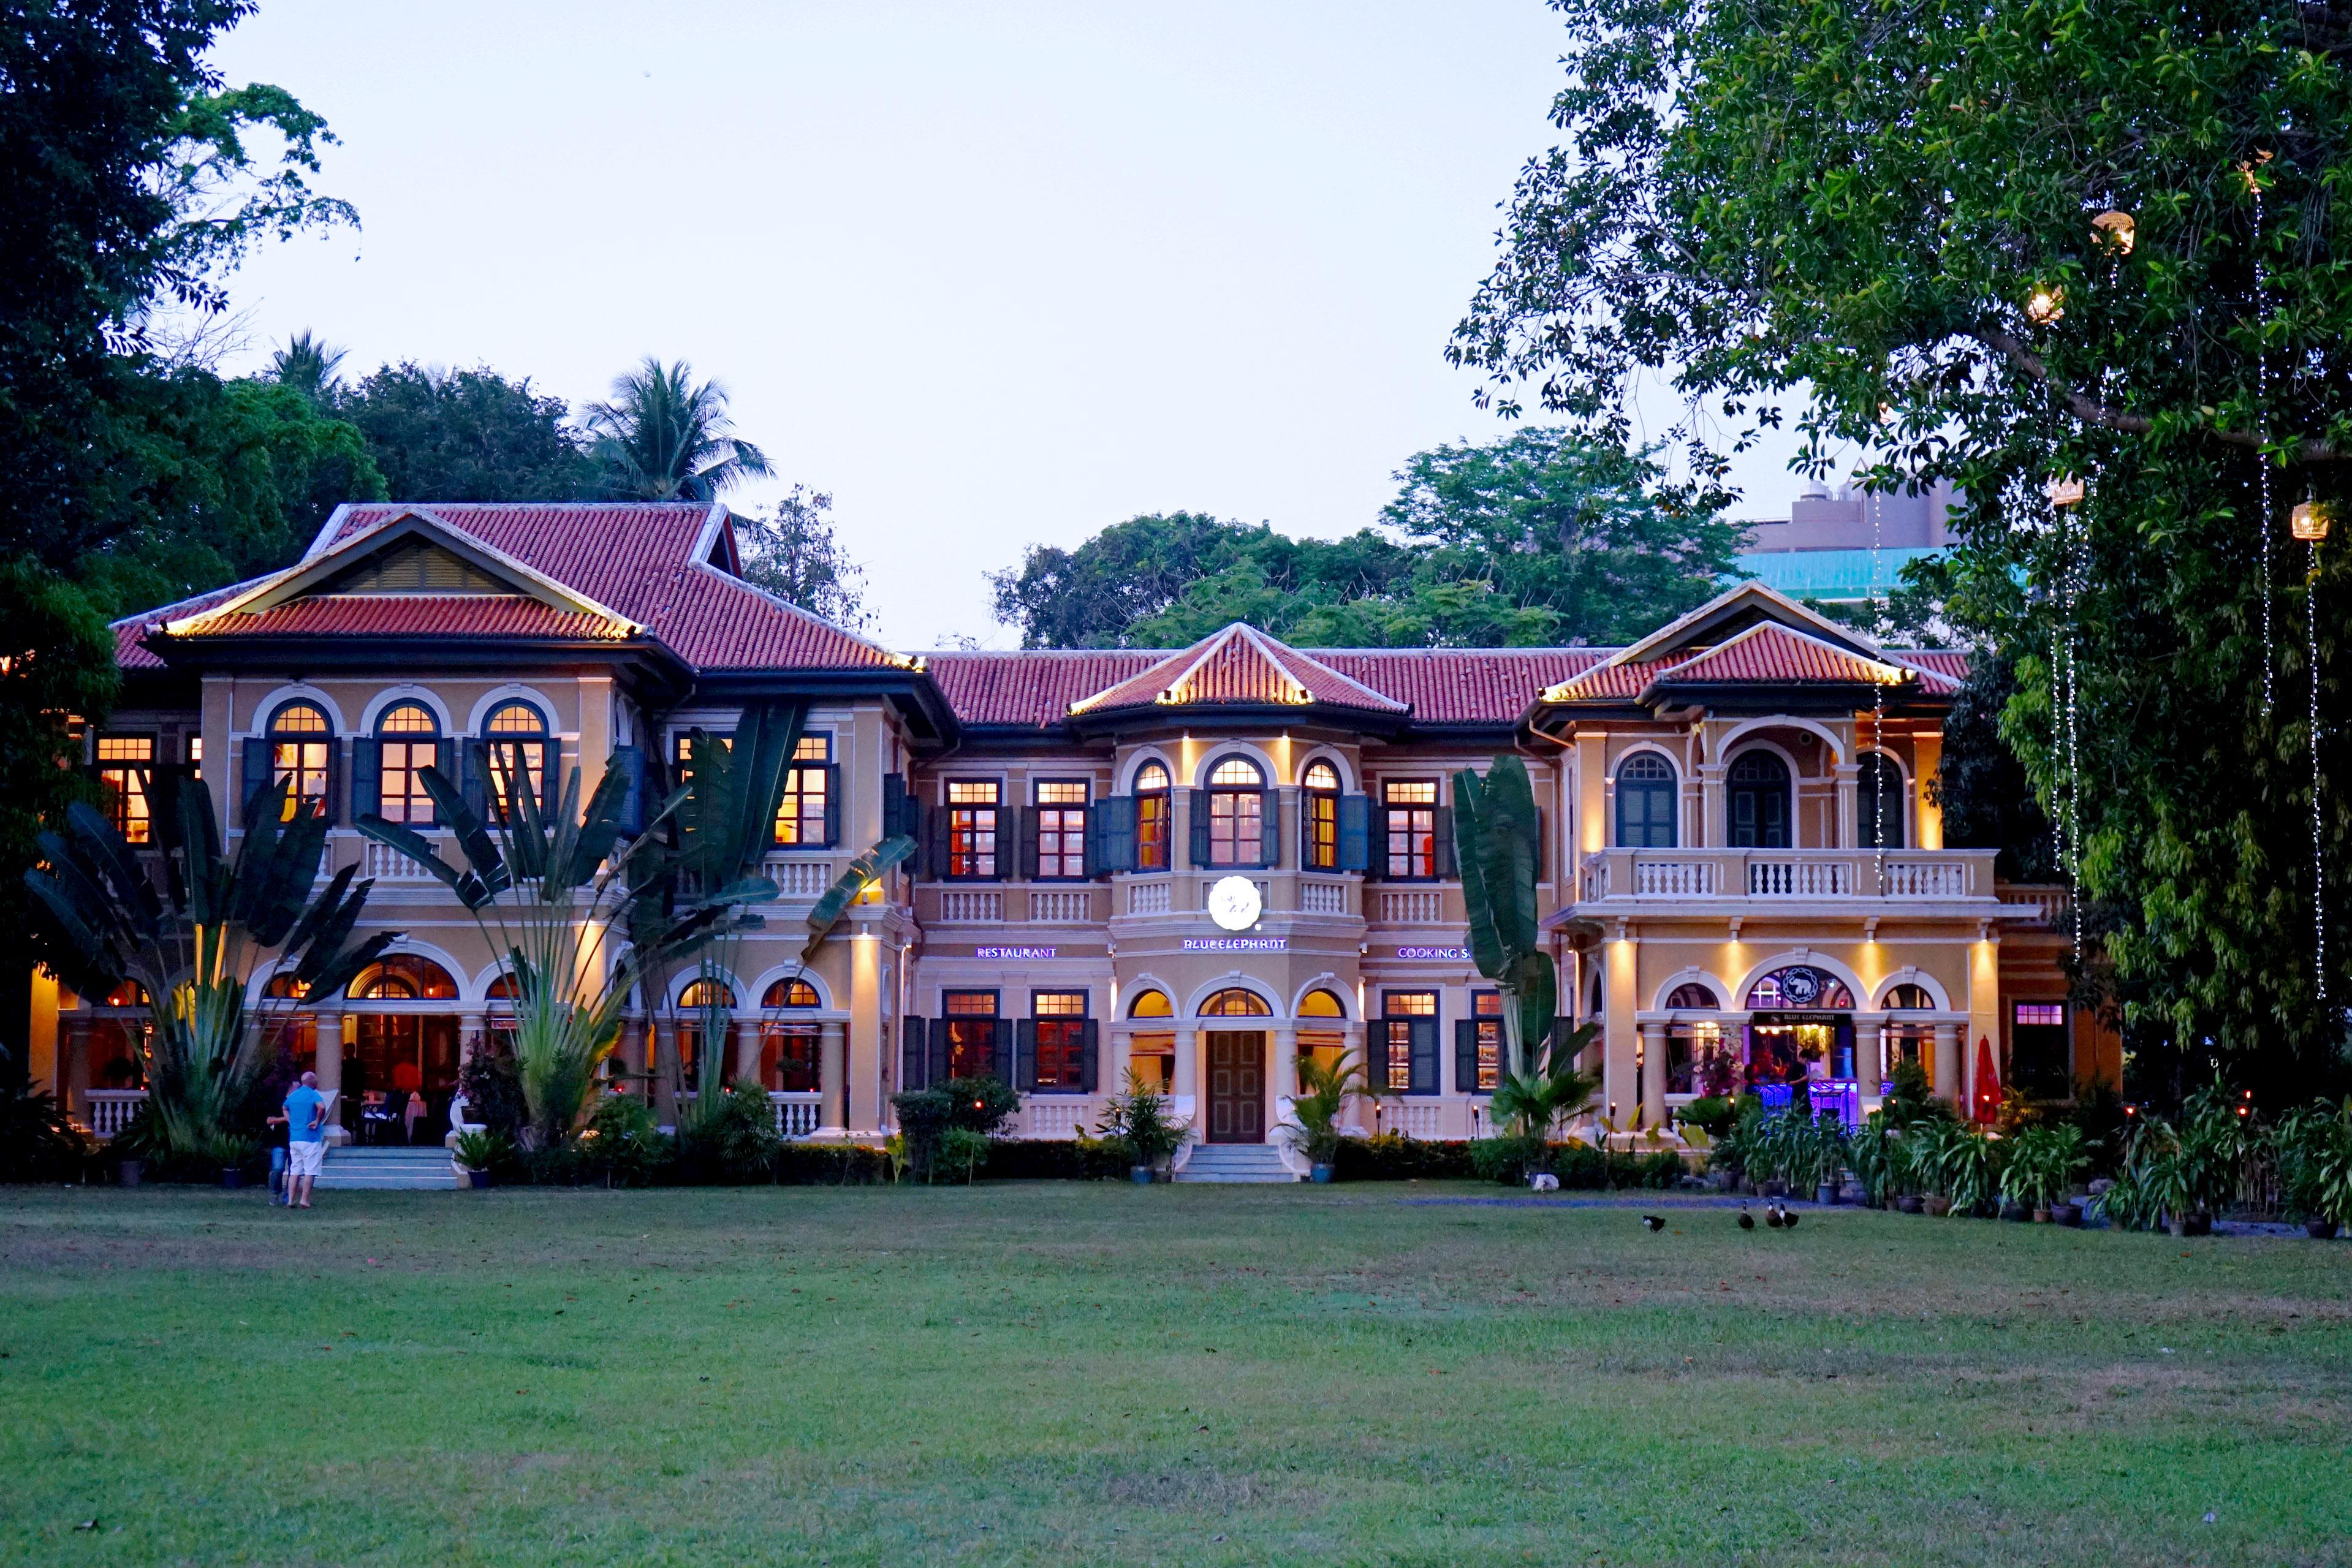 ブルーエレファント プーケット (Blue Elephant)  タイ料理店